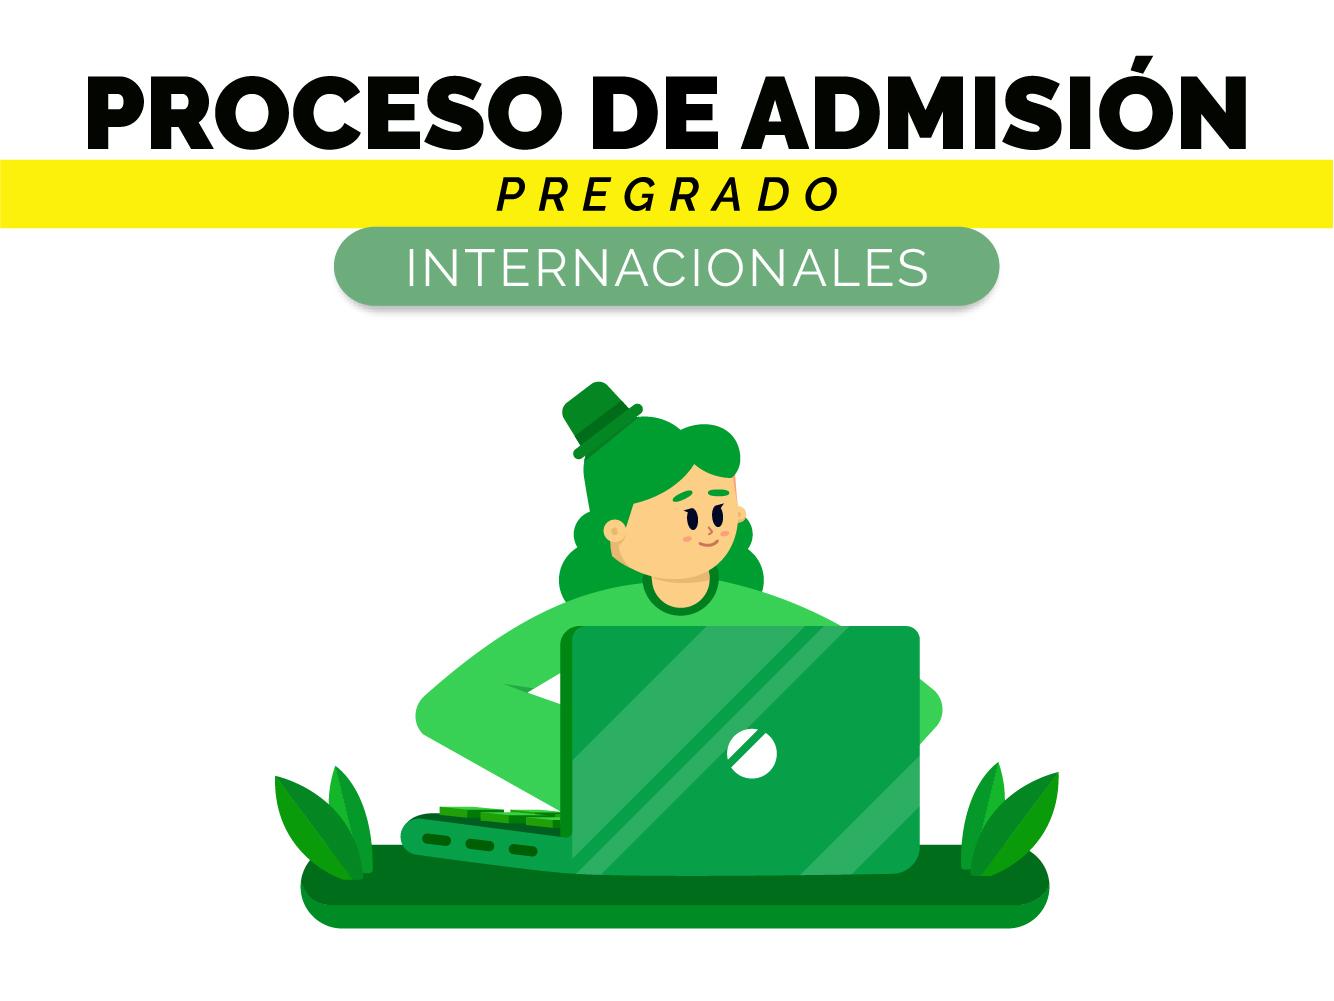 Proceso de admision a pregrado para estudiantes internacionales